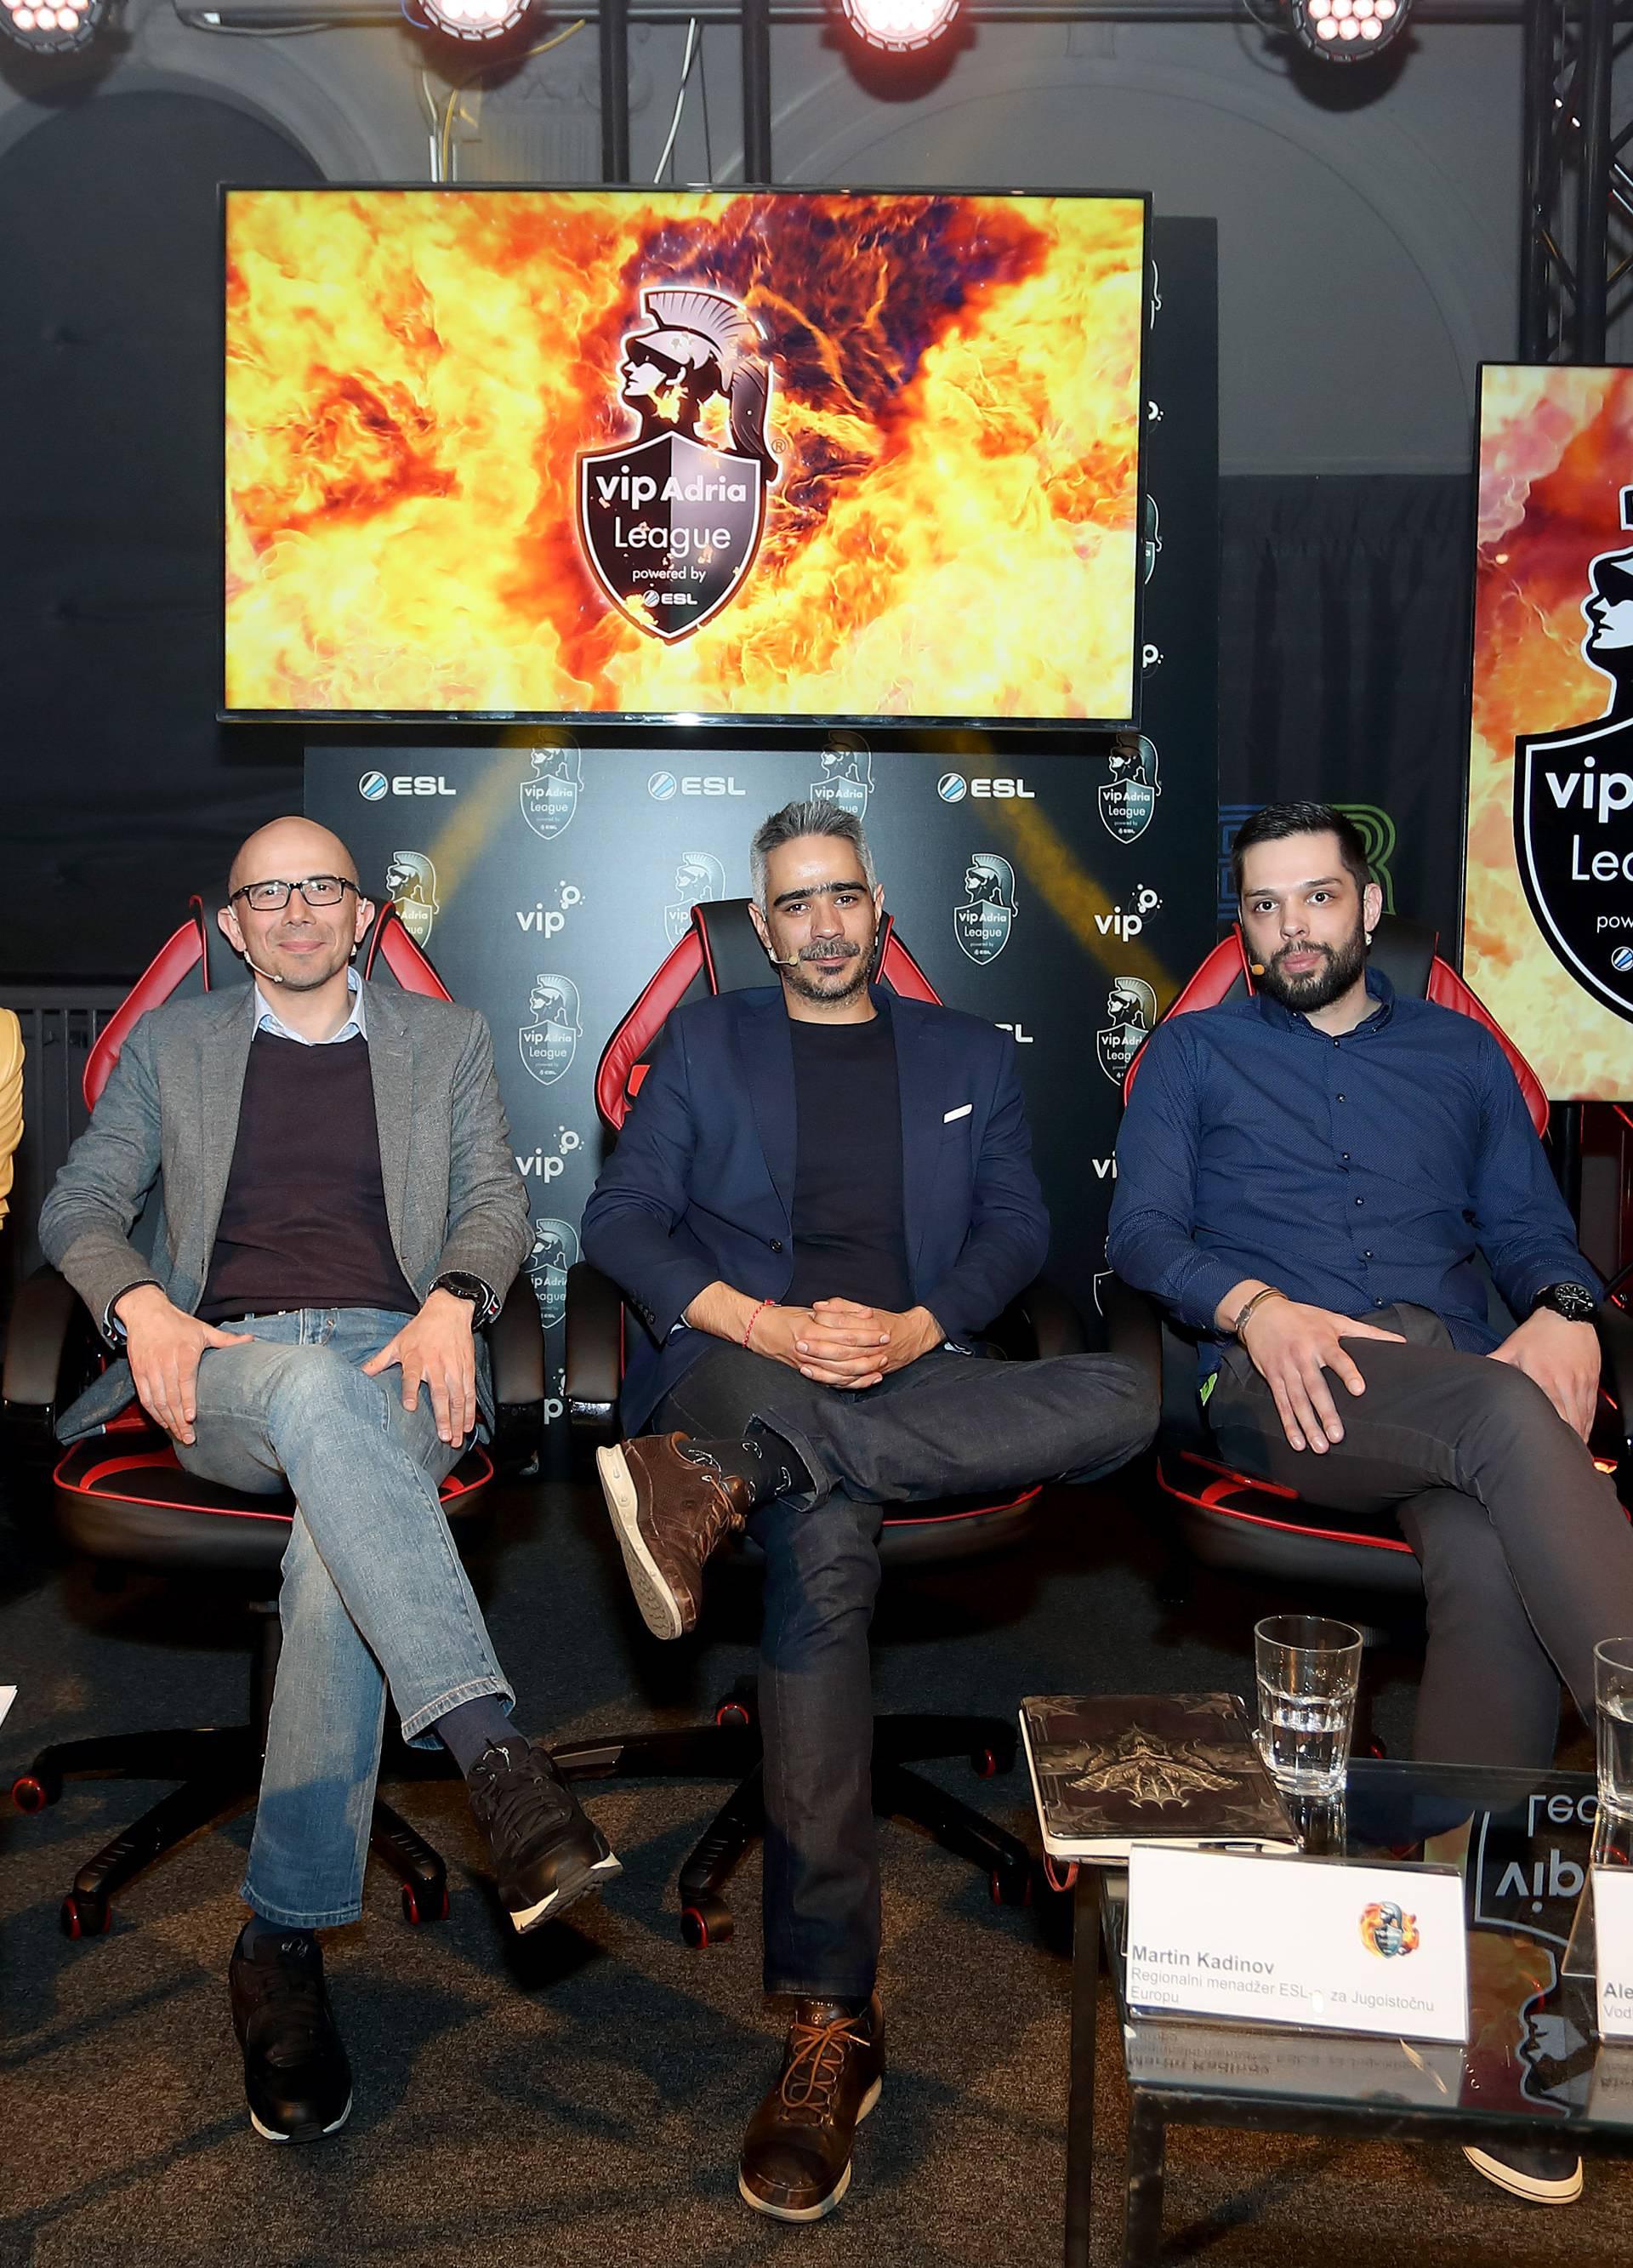 Profesionalne gamere iz Vip Adria lige gledat ćemo na TV-u